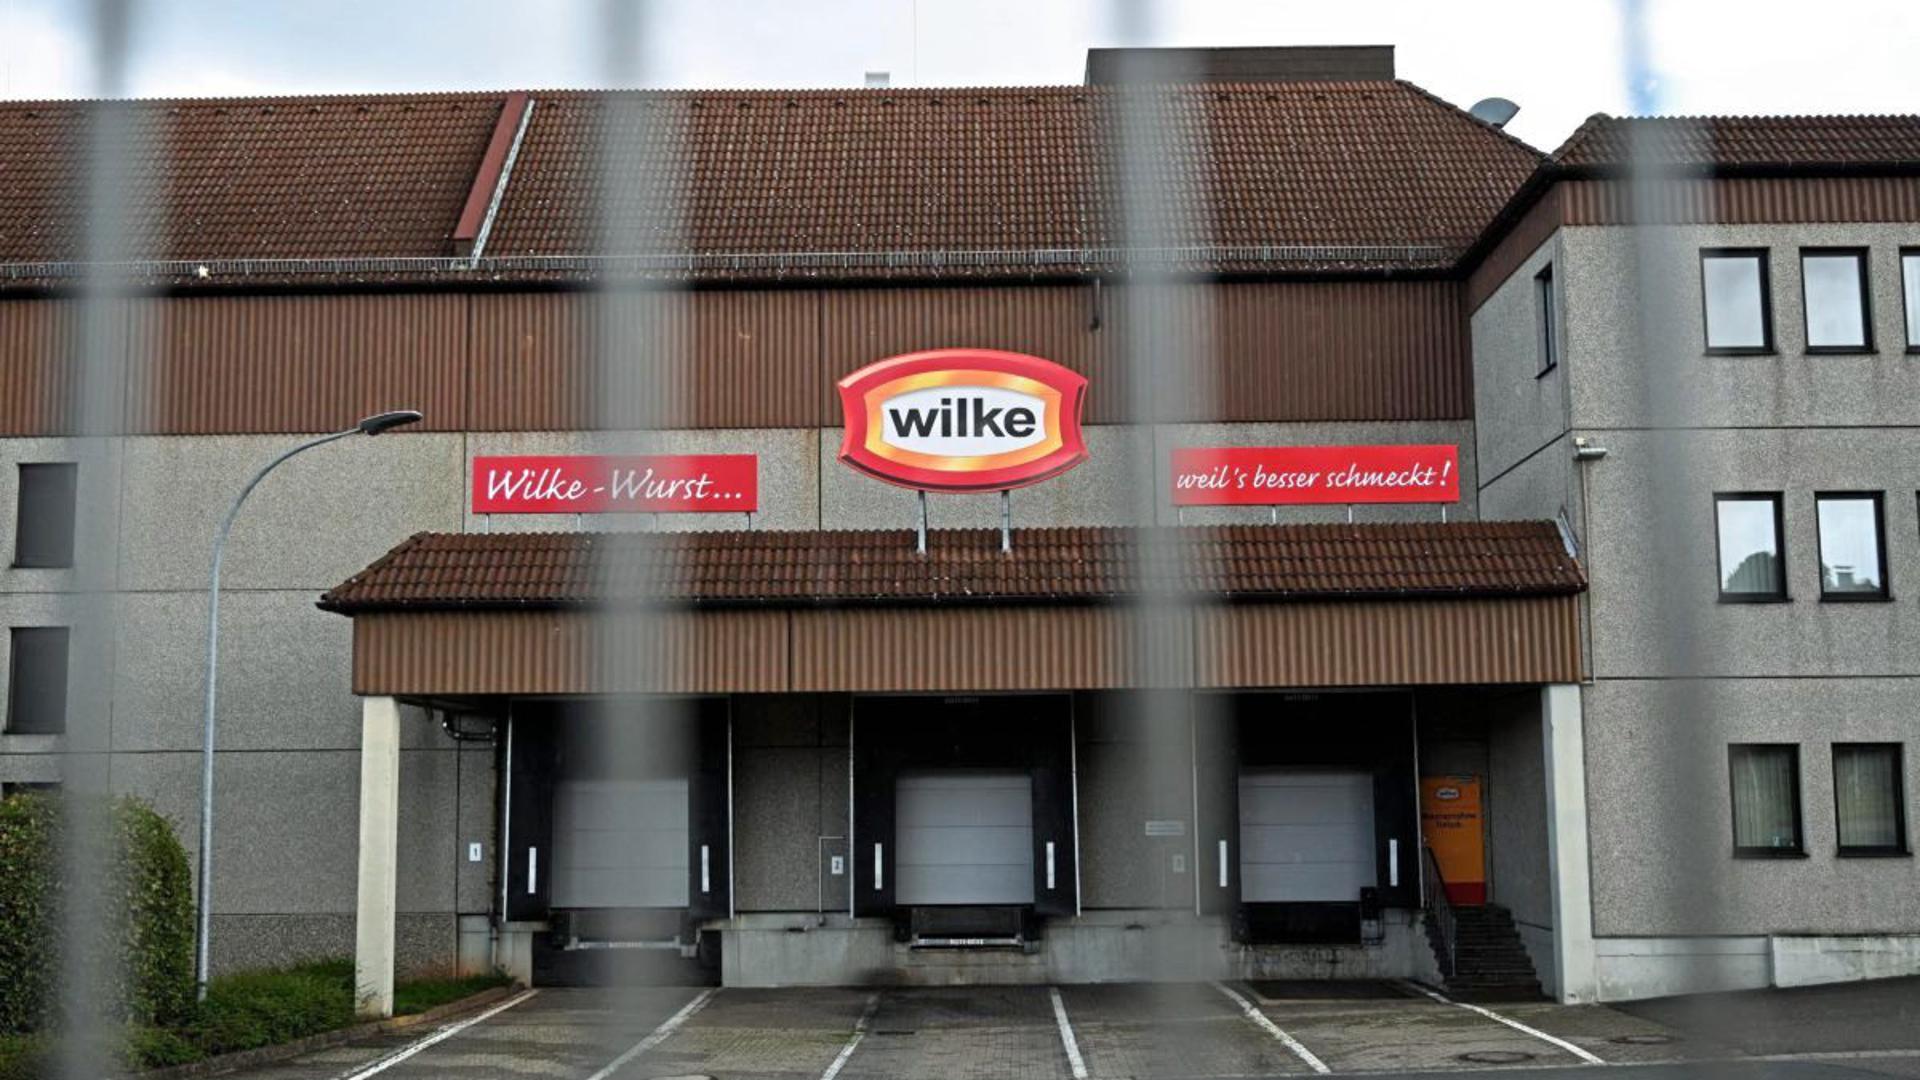 Im Fokus: In den Produkten des Herstellers Wilke aus Twistetal in Hessen waren mehrfach Listerien-Keime nachgewiesen worden.